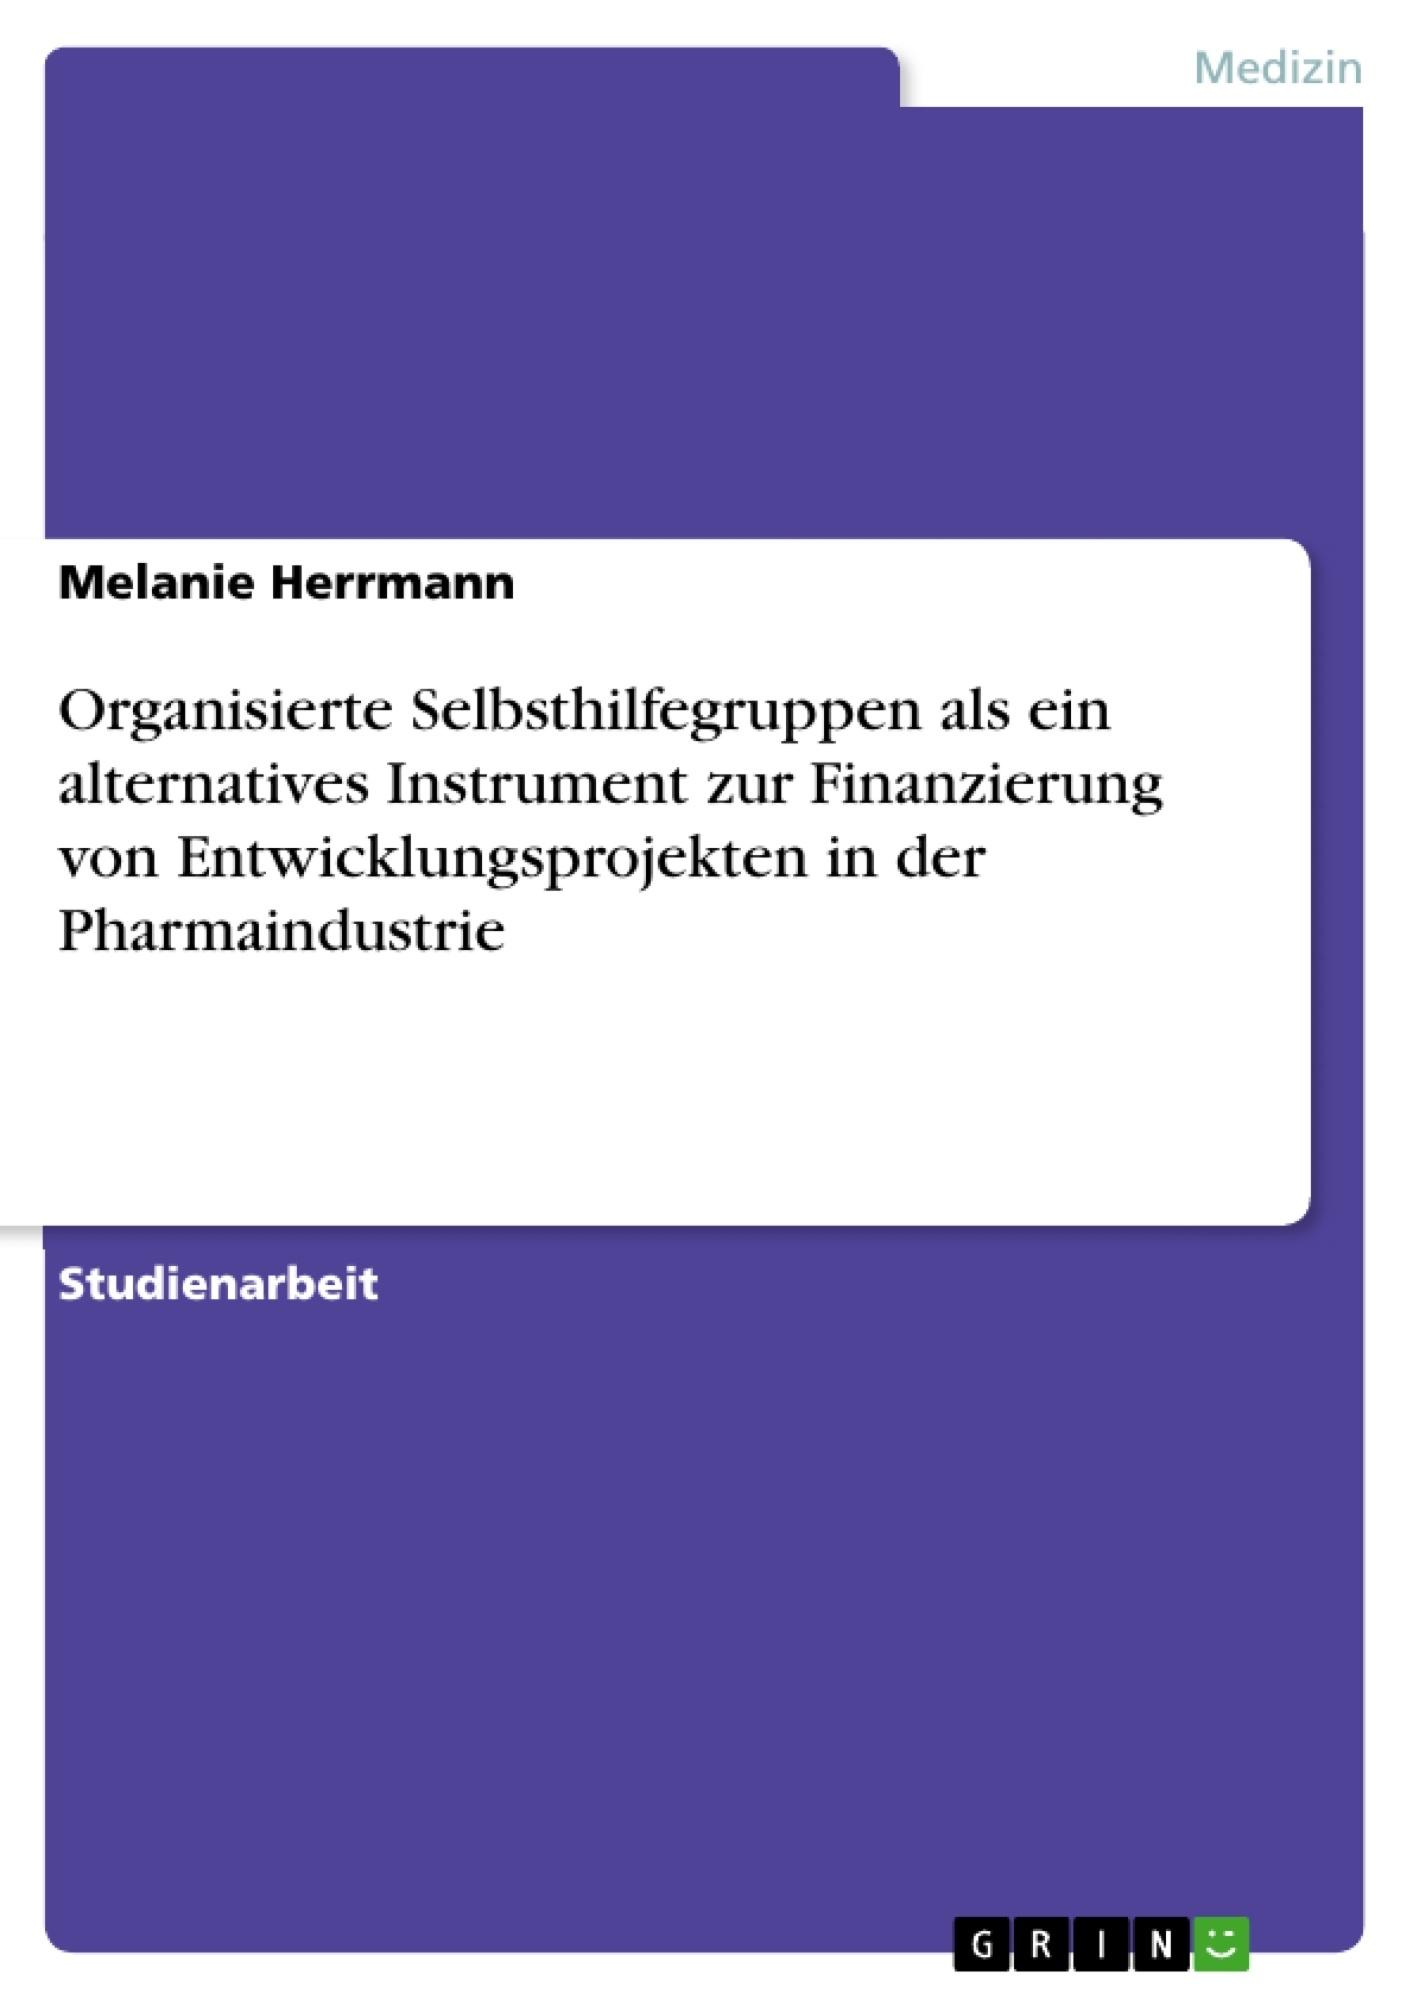 Titel: Organisierte Selbsthilfegruppen als ein alternatives Instrument zur Finanzierung von Entwicklungsprojekten in der Pharmaindustrie